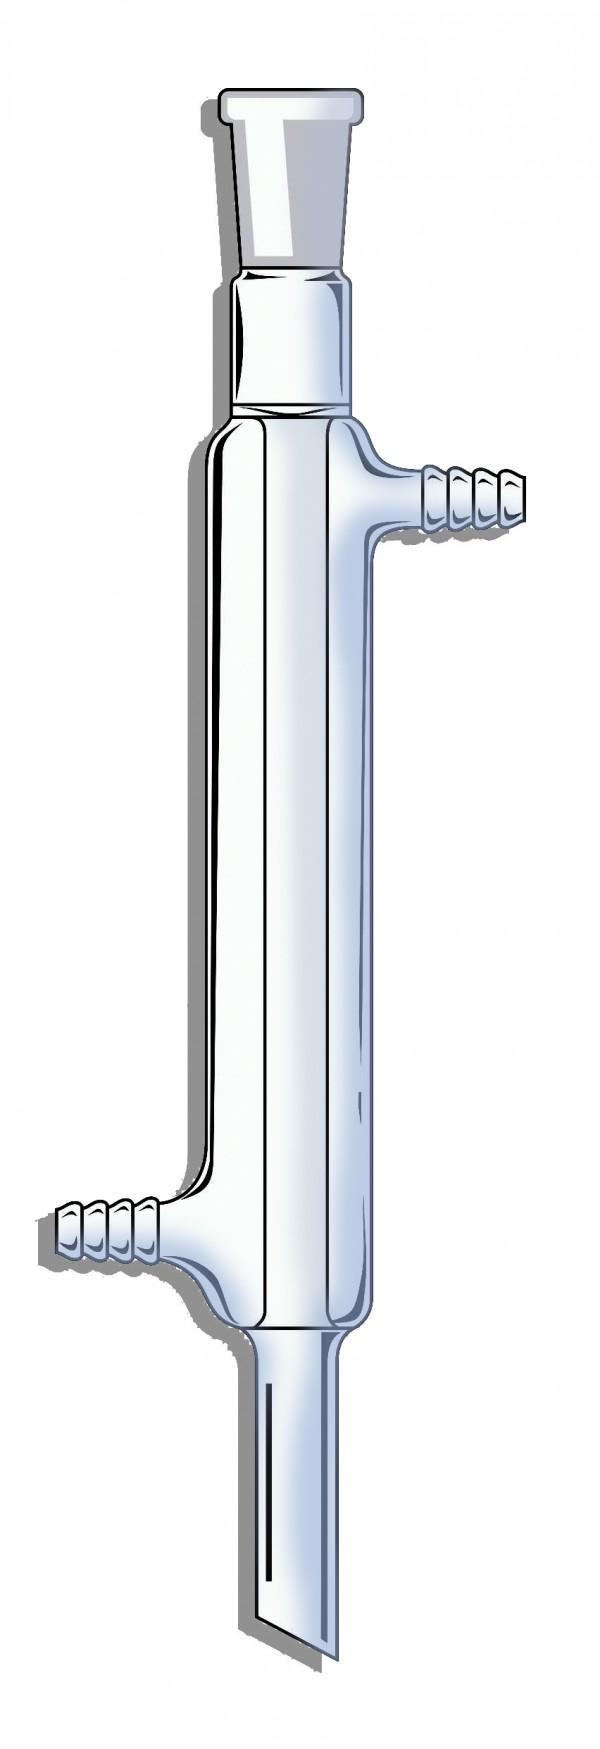 ¿Para qué sirve un tubo refrigerante?